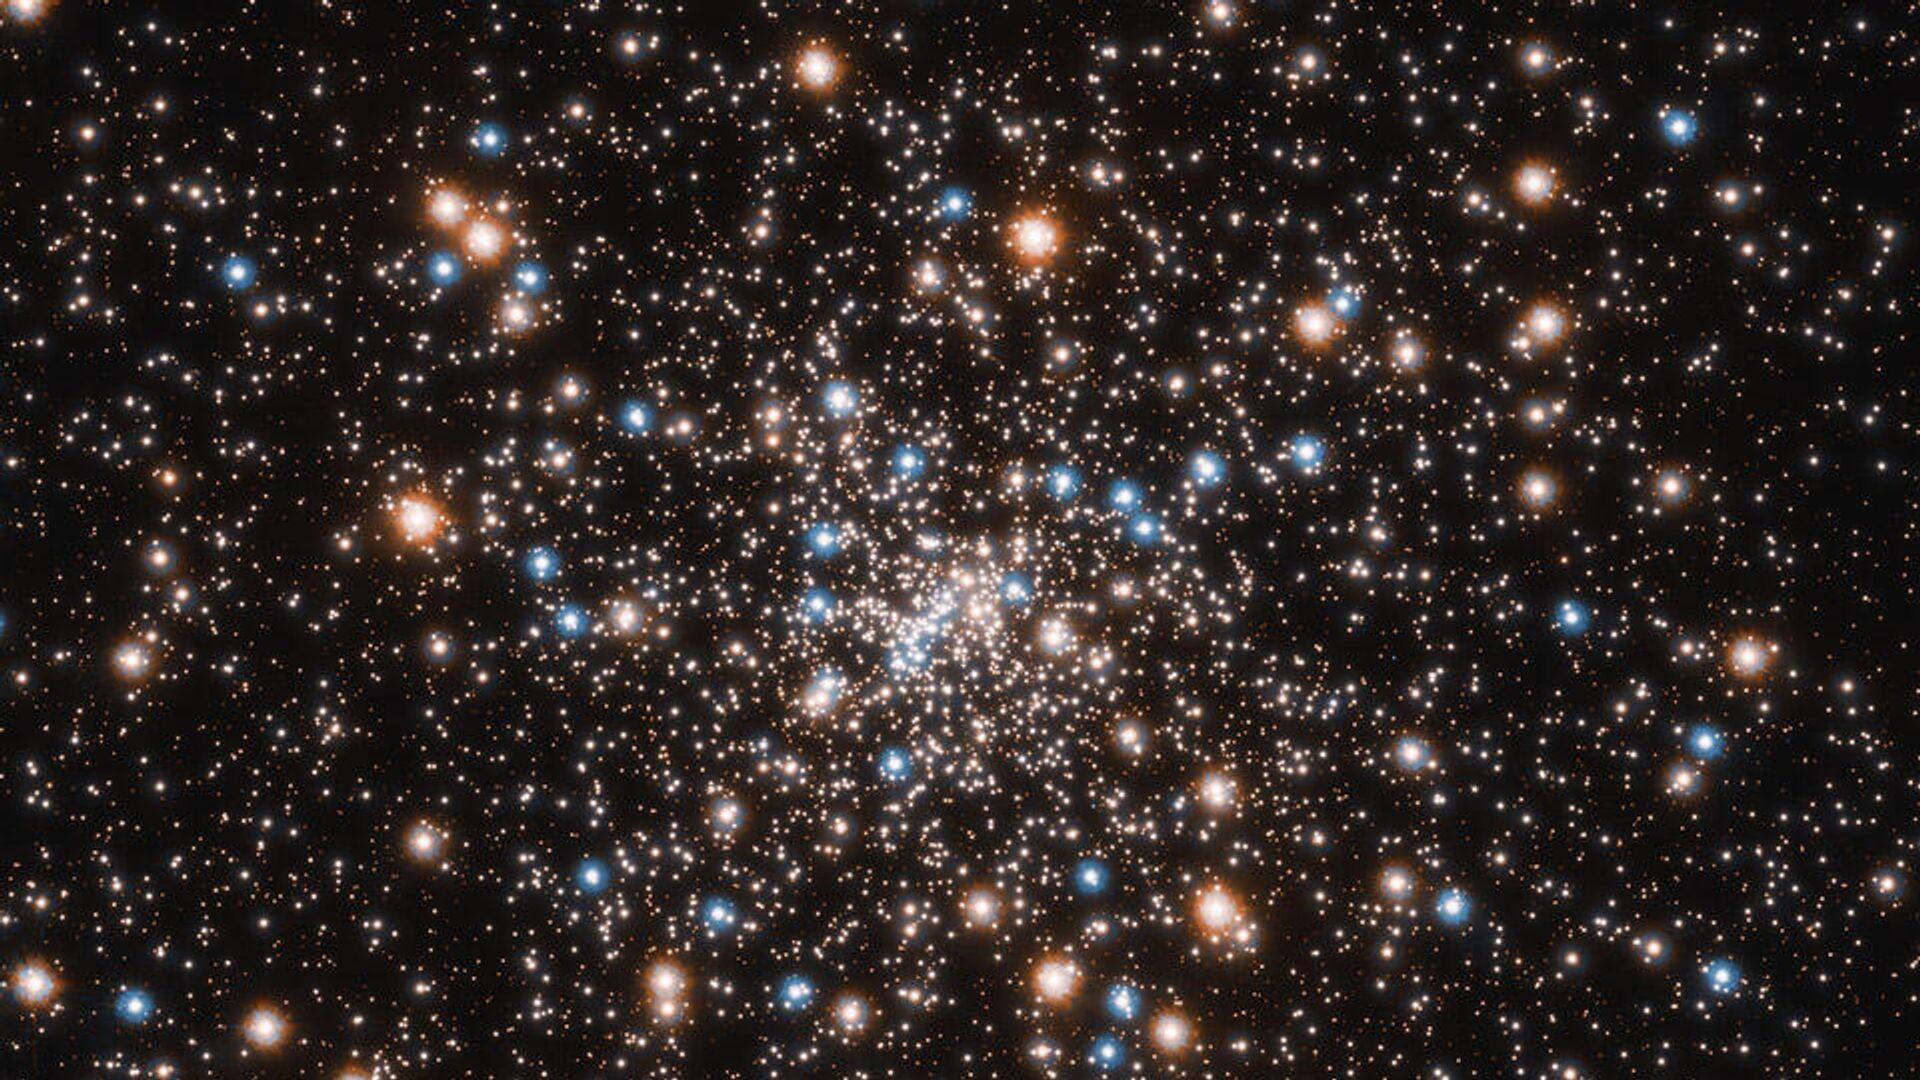 Шаровое скопление NGC 6397  - РИА Новости, 1920, 12.02.2021